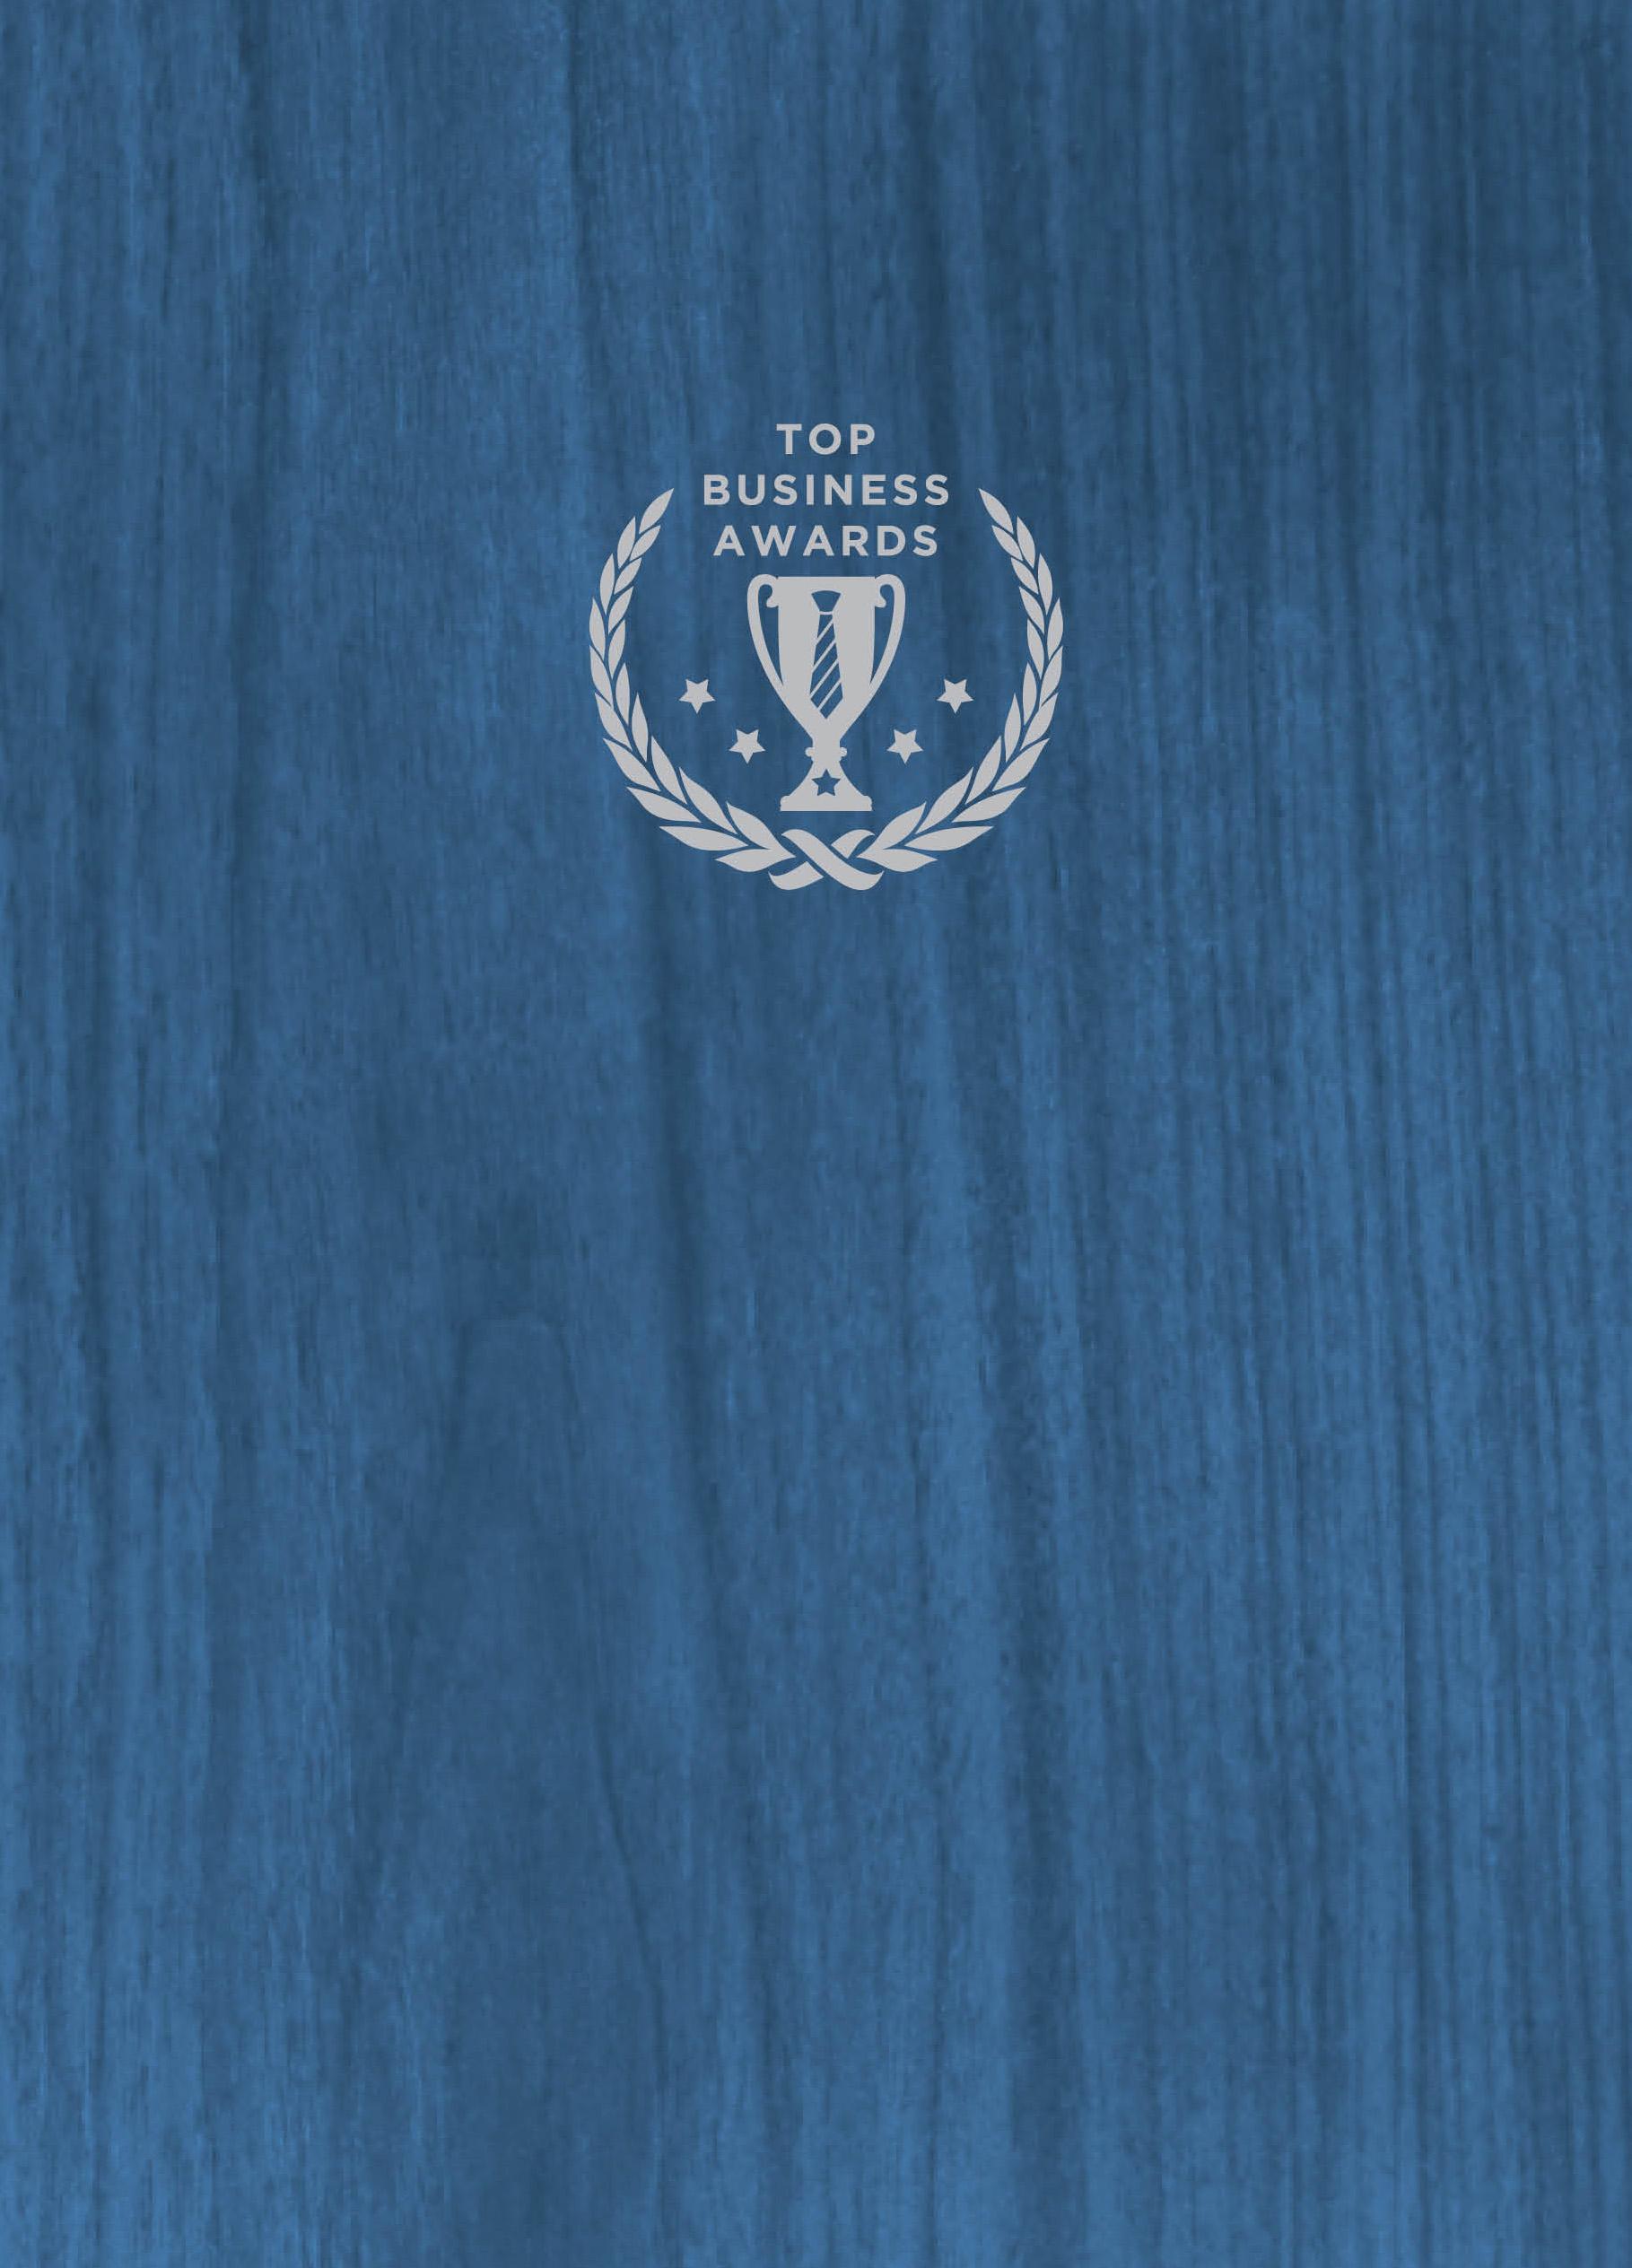 Блокнот для высокоэффективных людей (с главными принципами Стивена Кови ) (синий) biden men s watches new luxury brand watch men fashion sports quartz watch stainless steel mesh strap ultra thin dial date clock